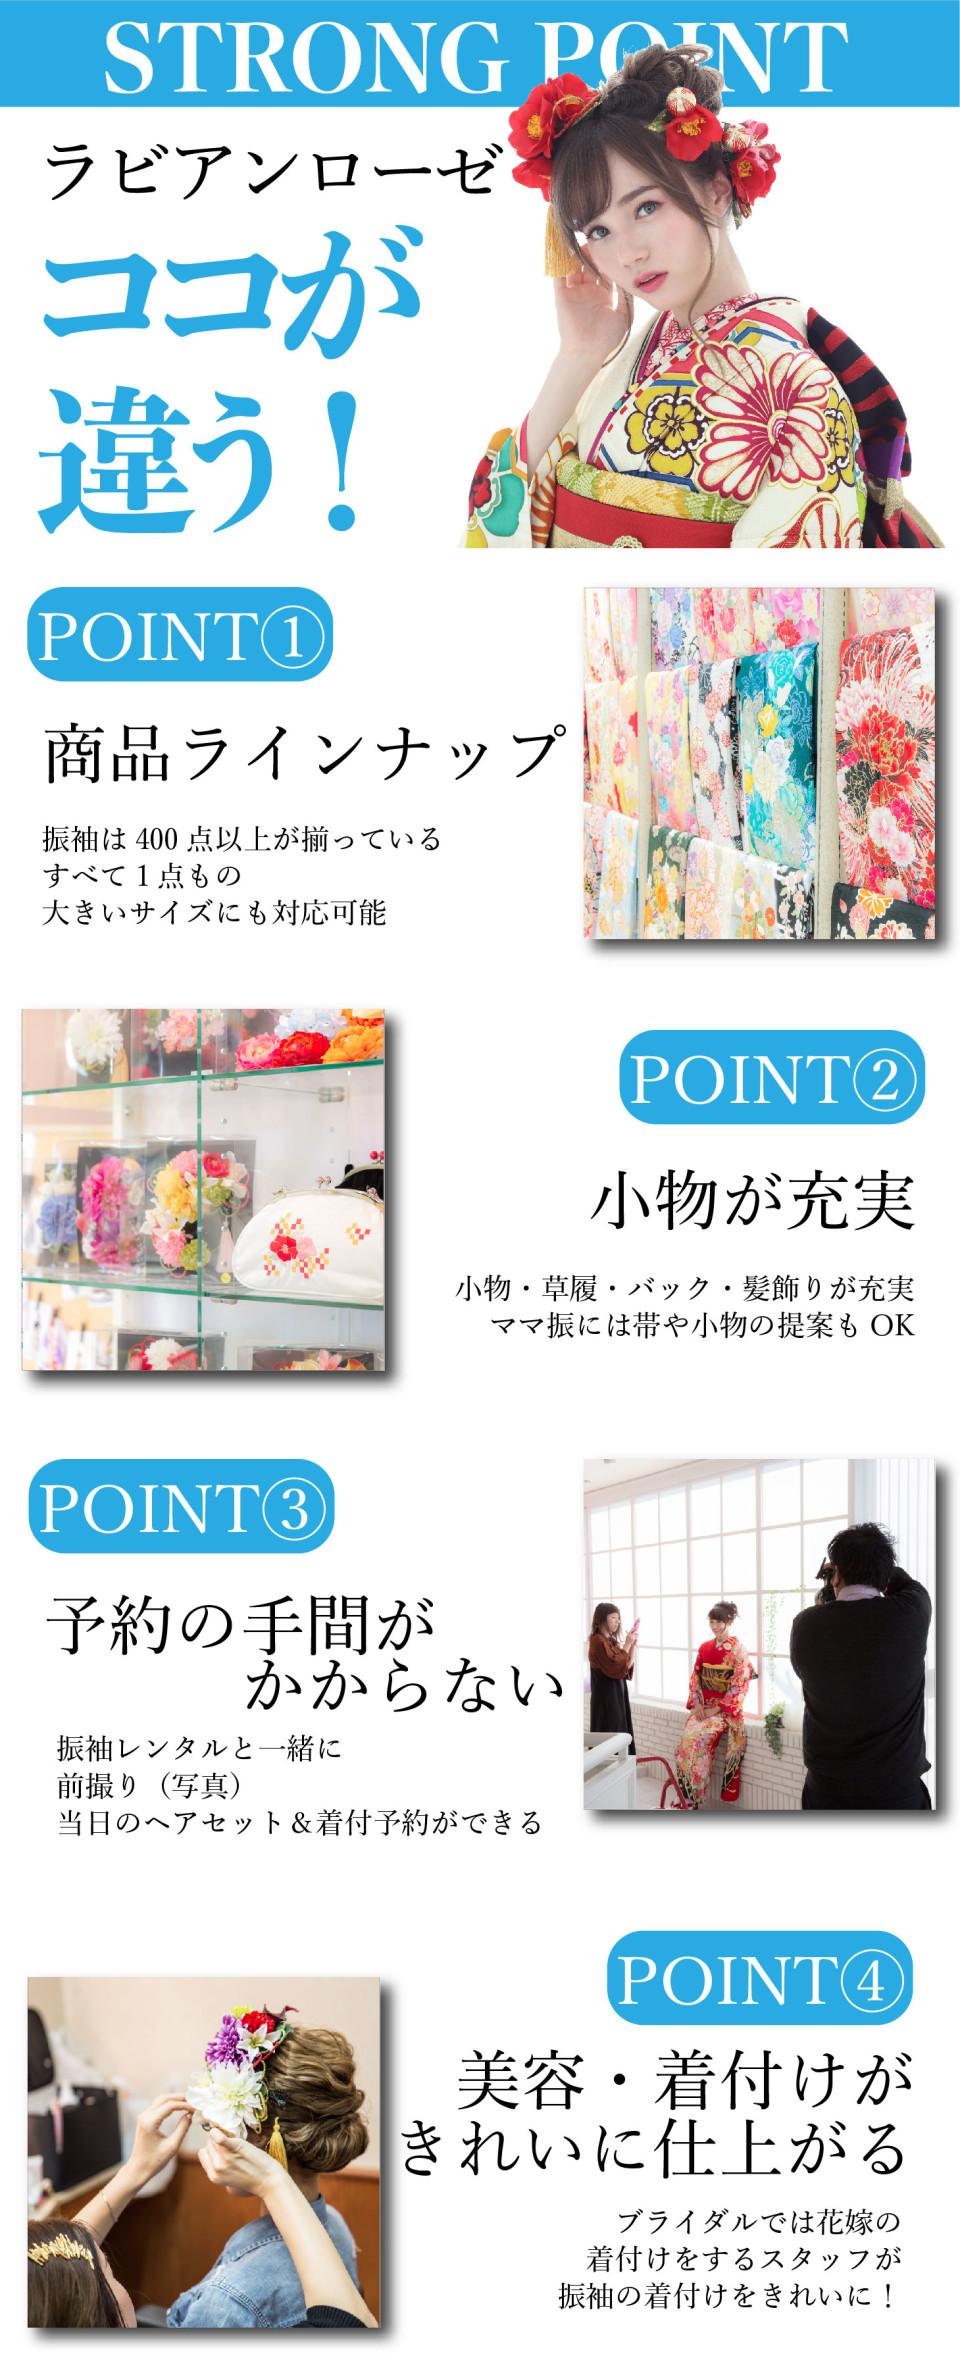 My振袖STRONG-01